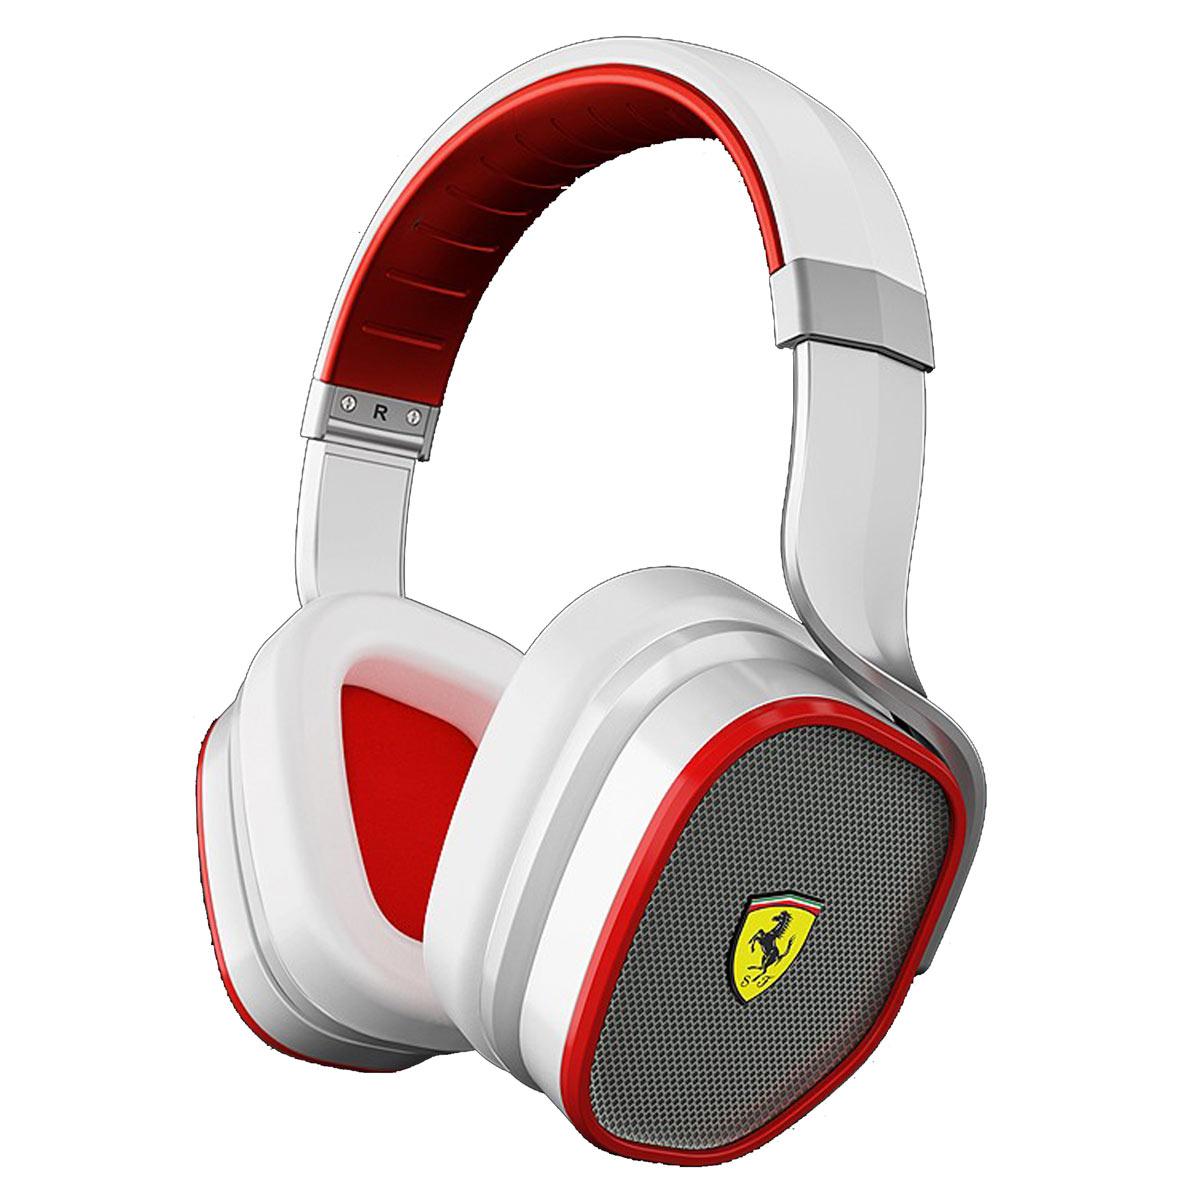 Casque Ferrari R300 Blanc Casque circum-auriculaire fermé à réduction active